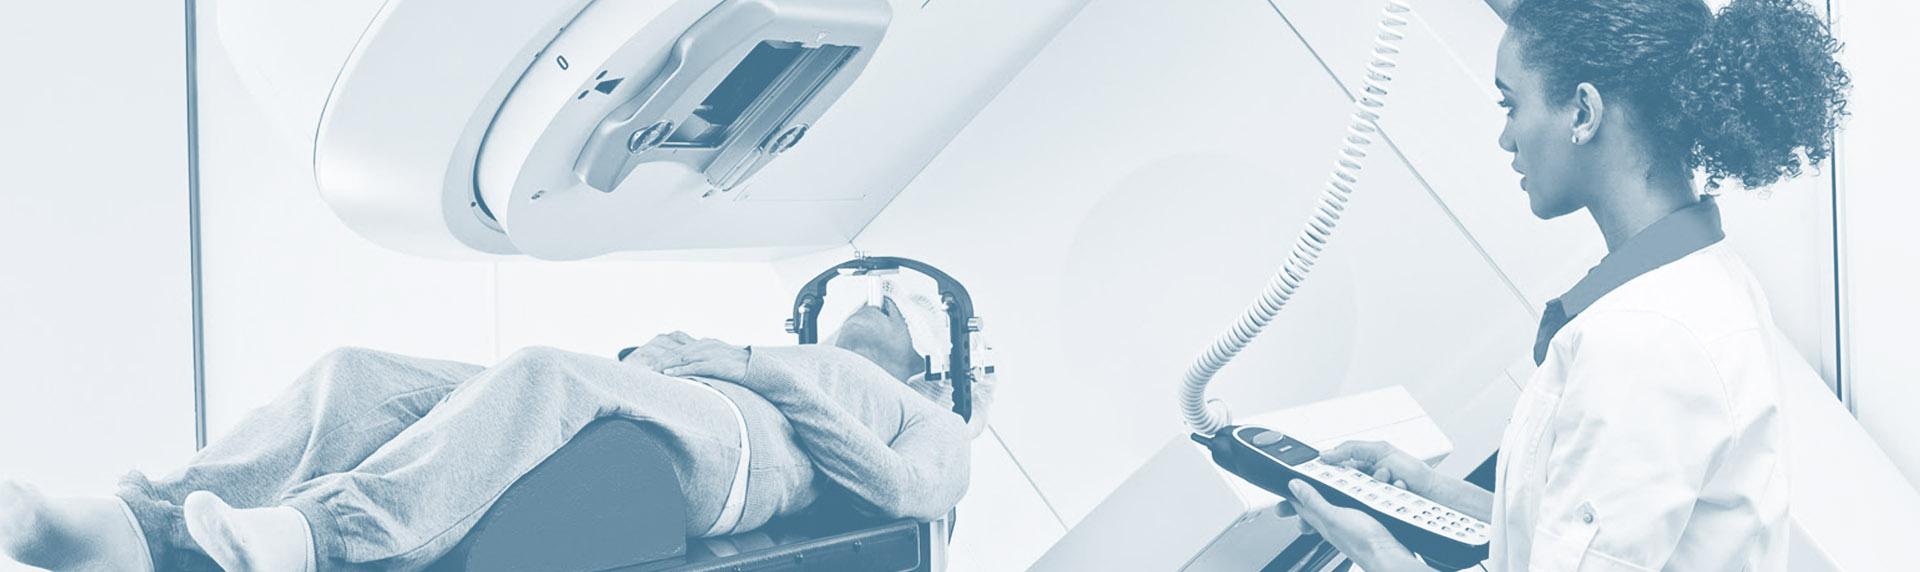 Curso de qualificação de auxiliar de enfermagem do trabalho